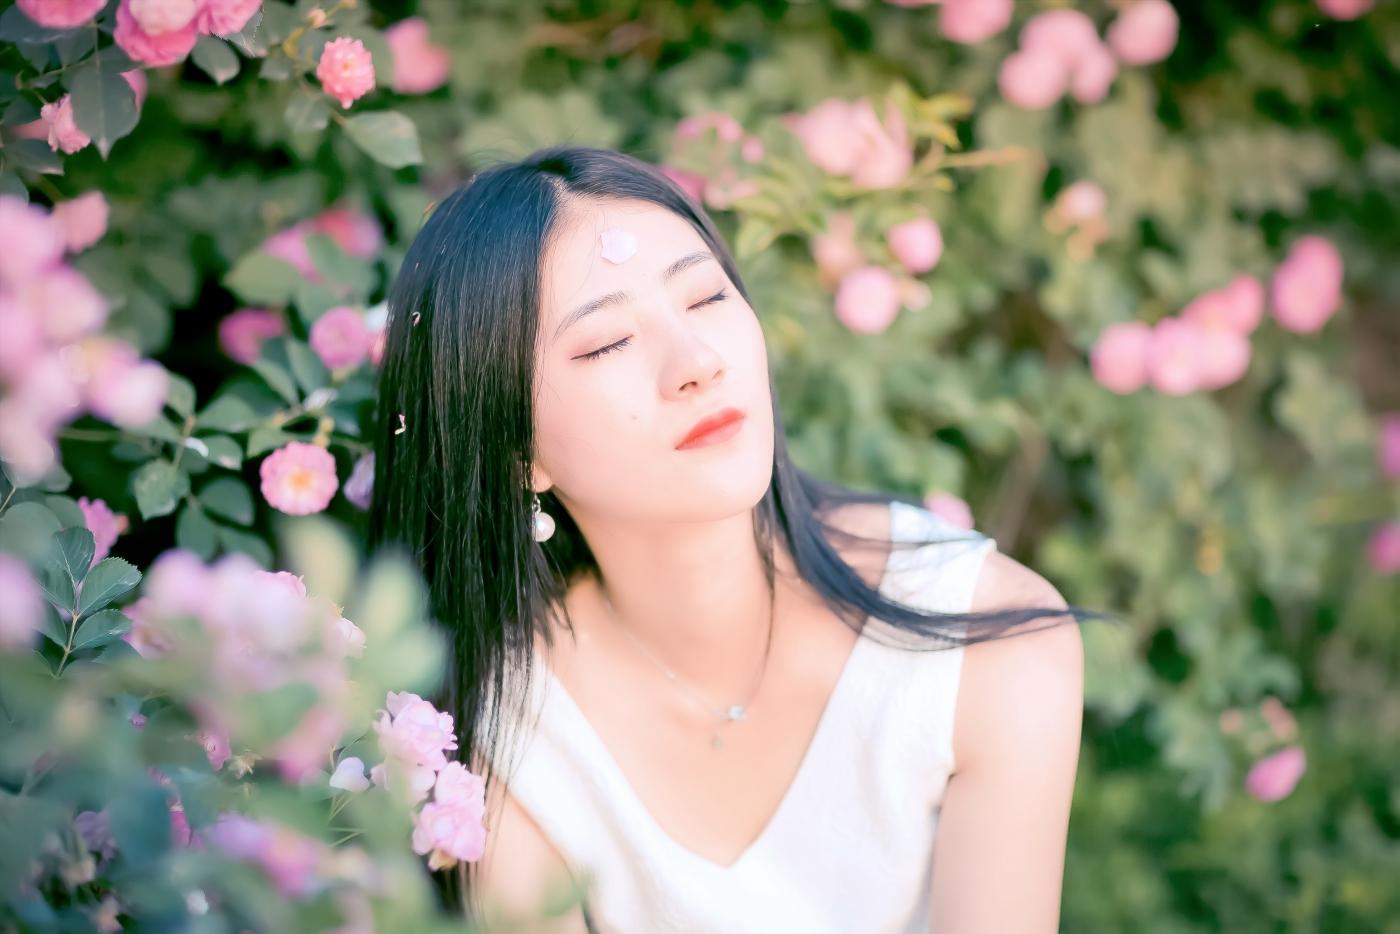 临沂大学有这么一道美丽的蔷薇长廊 当蔷薇MM王璐在她面前走过 ..._图1-15